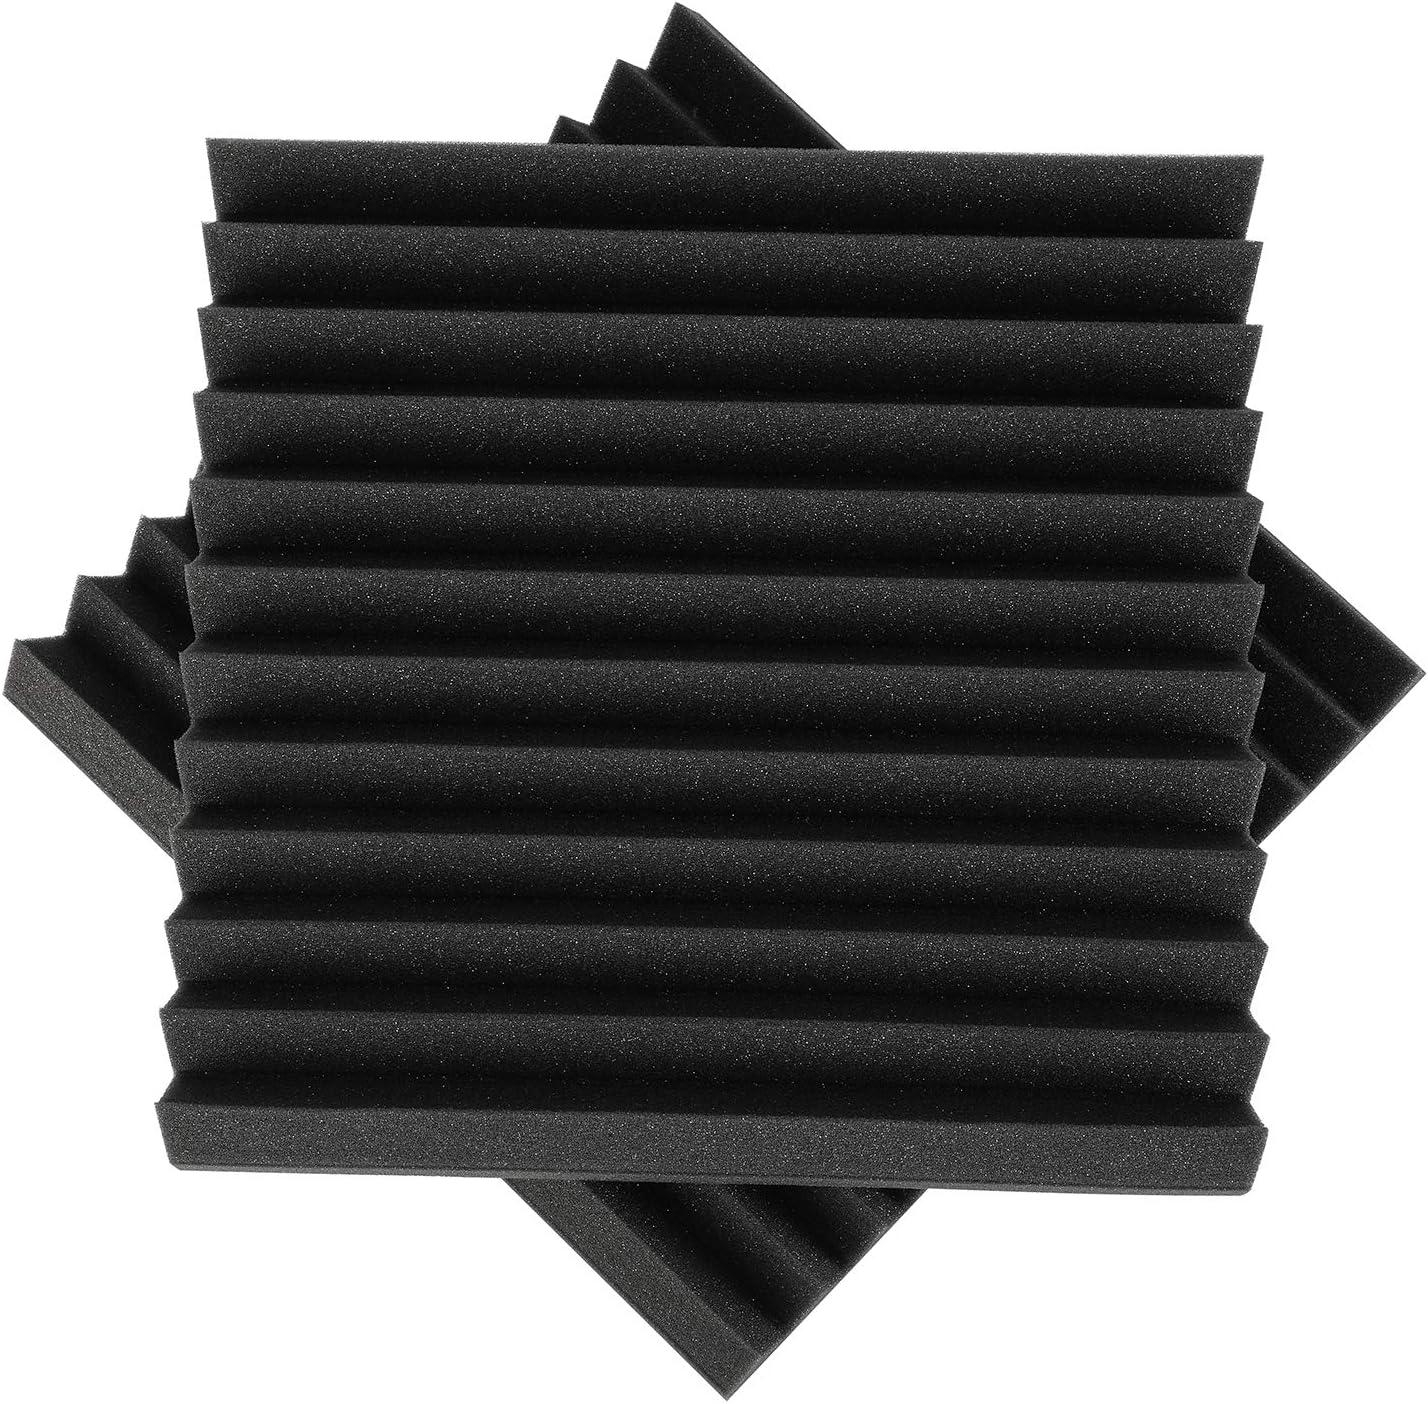 Donner Pannelli Fonoassorbenti Piramidali Correzione Acustica per Studio di registrazione Ufficio da 12 pezzi Misura 35 35 5 cm